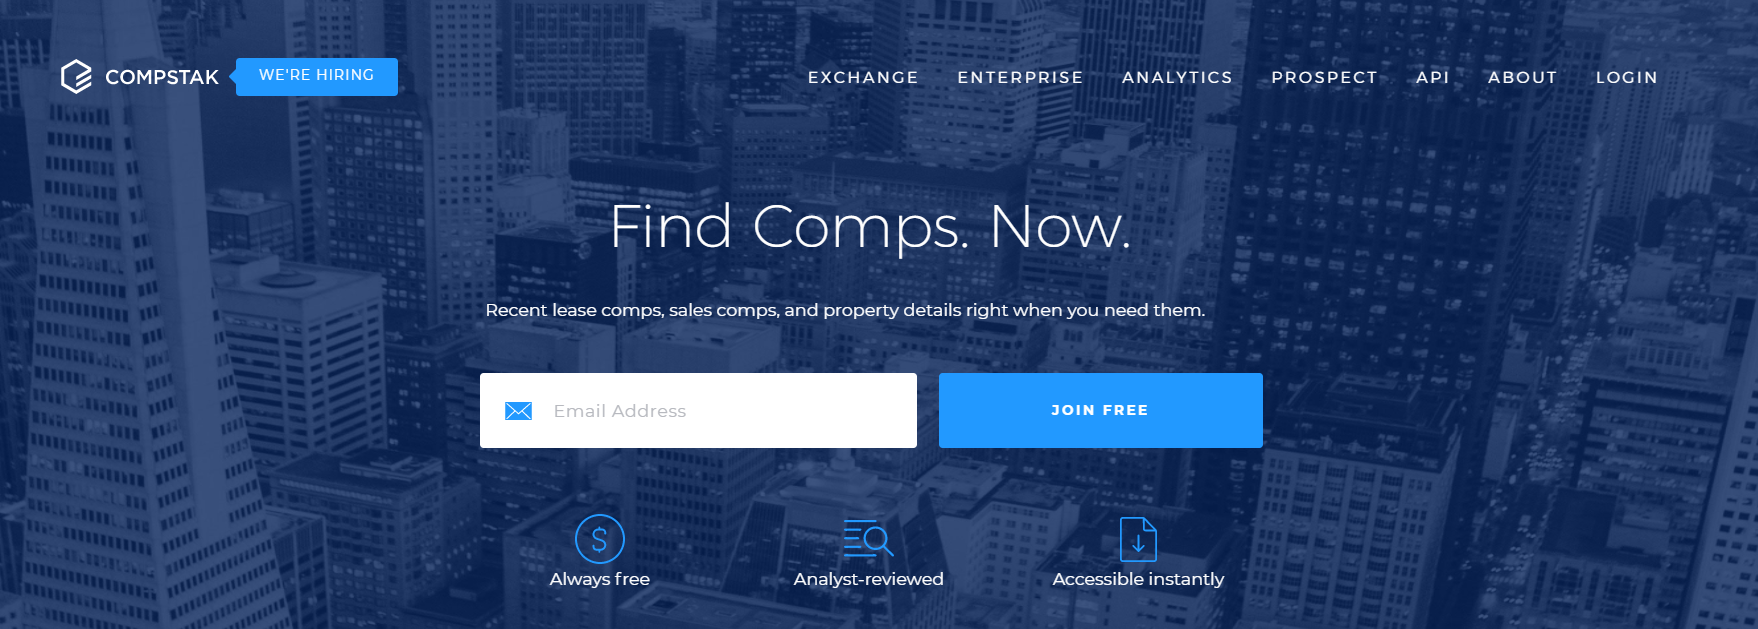 screenshot of the CompStack website